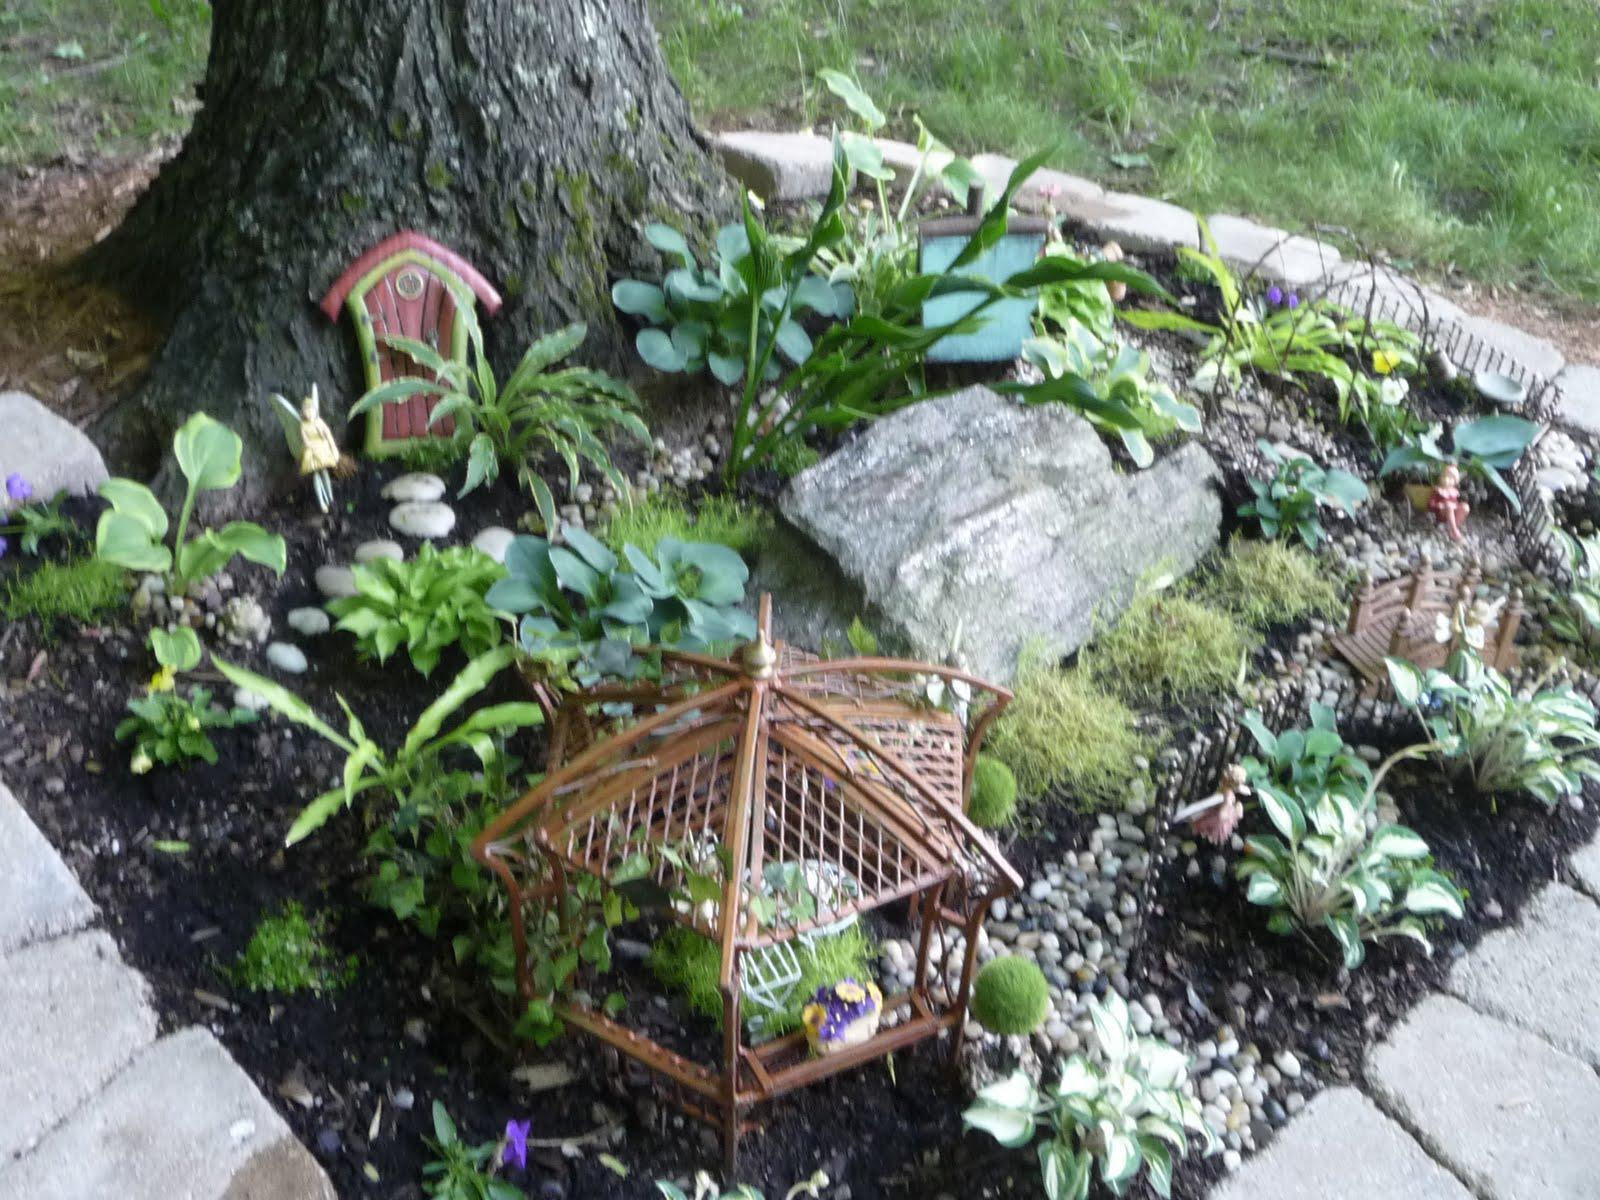 Enchanted Garden: Home, Garden & Renovating